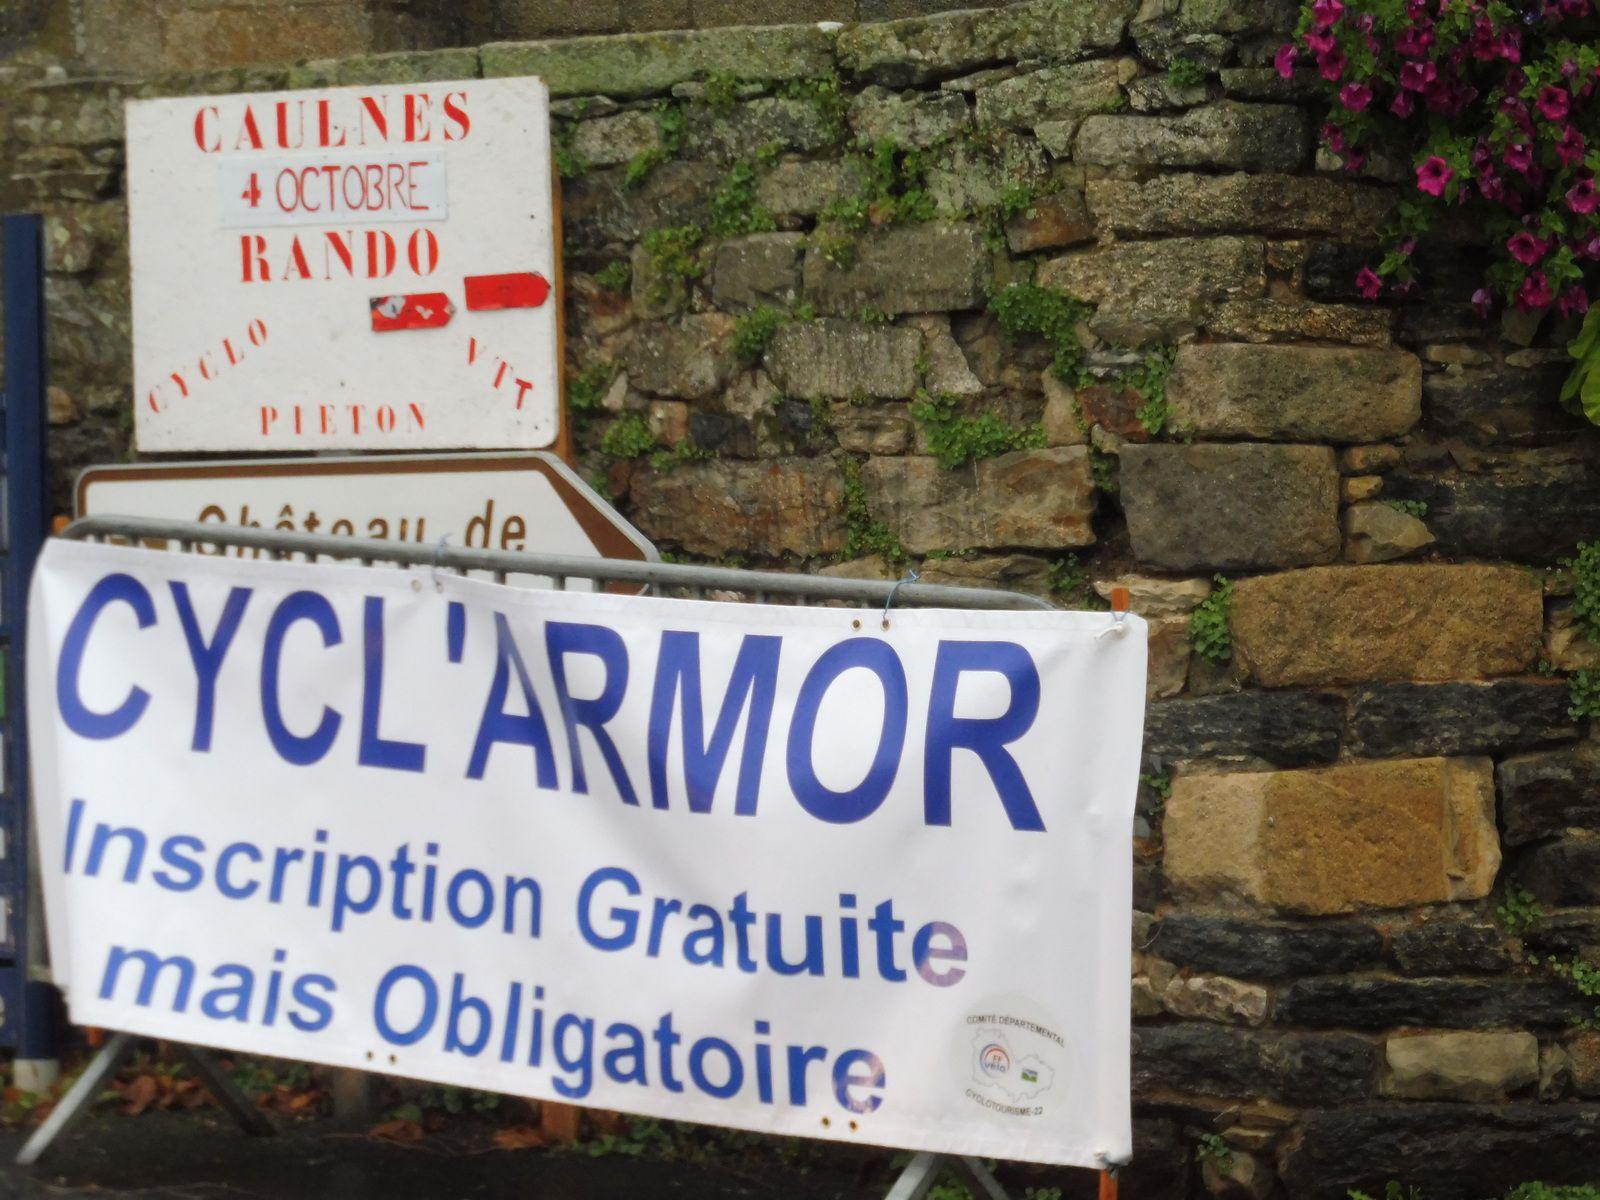 CYCL'ARMOR à Caulnes le 04-10-20